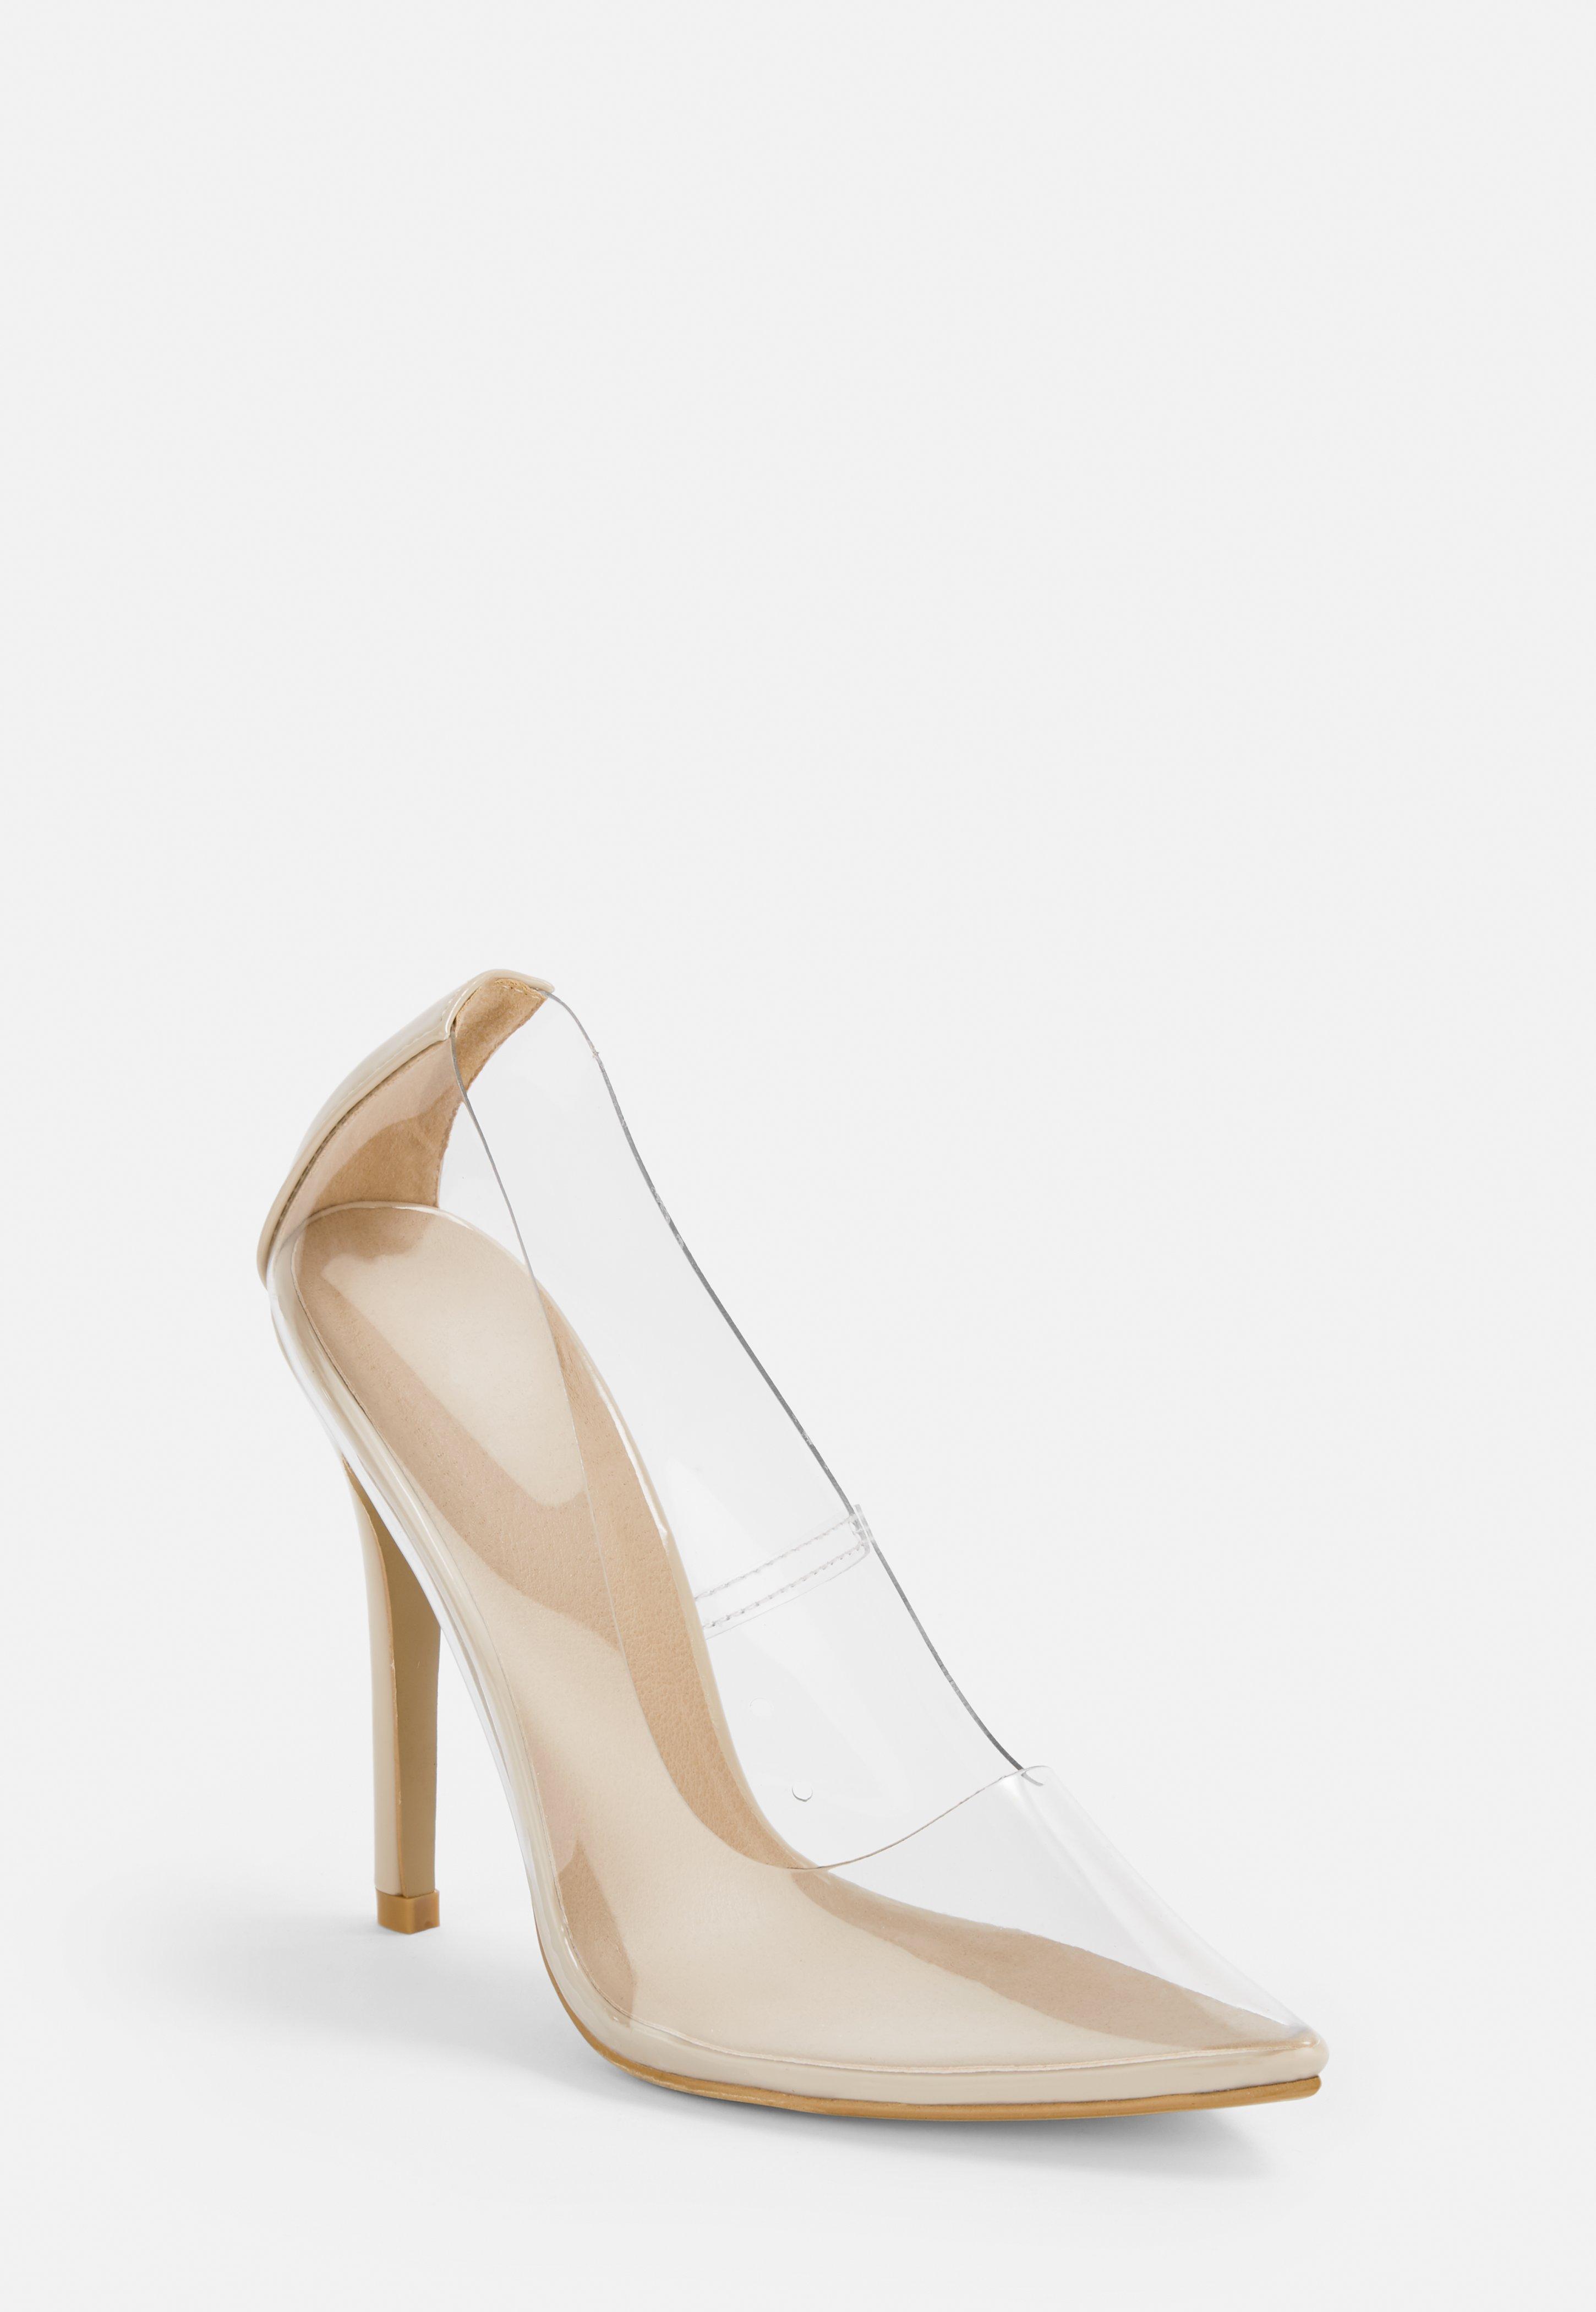 5c806082b46 Shoes